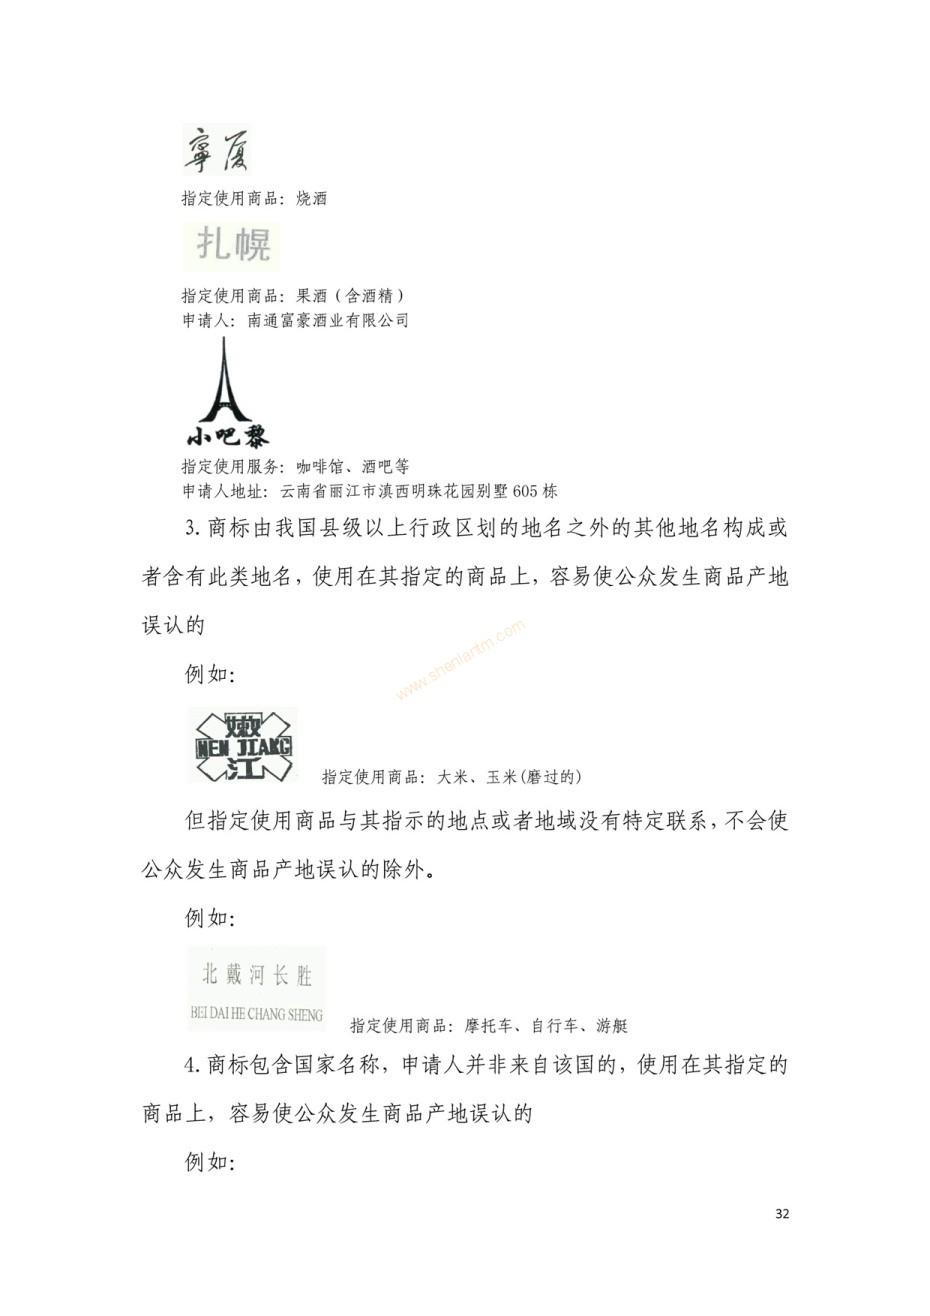 商标审查及审理标准2016版_页面_032